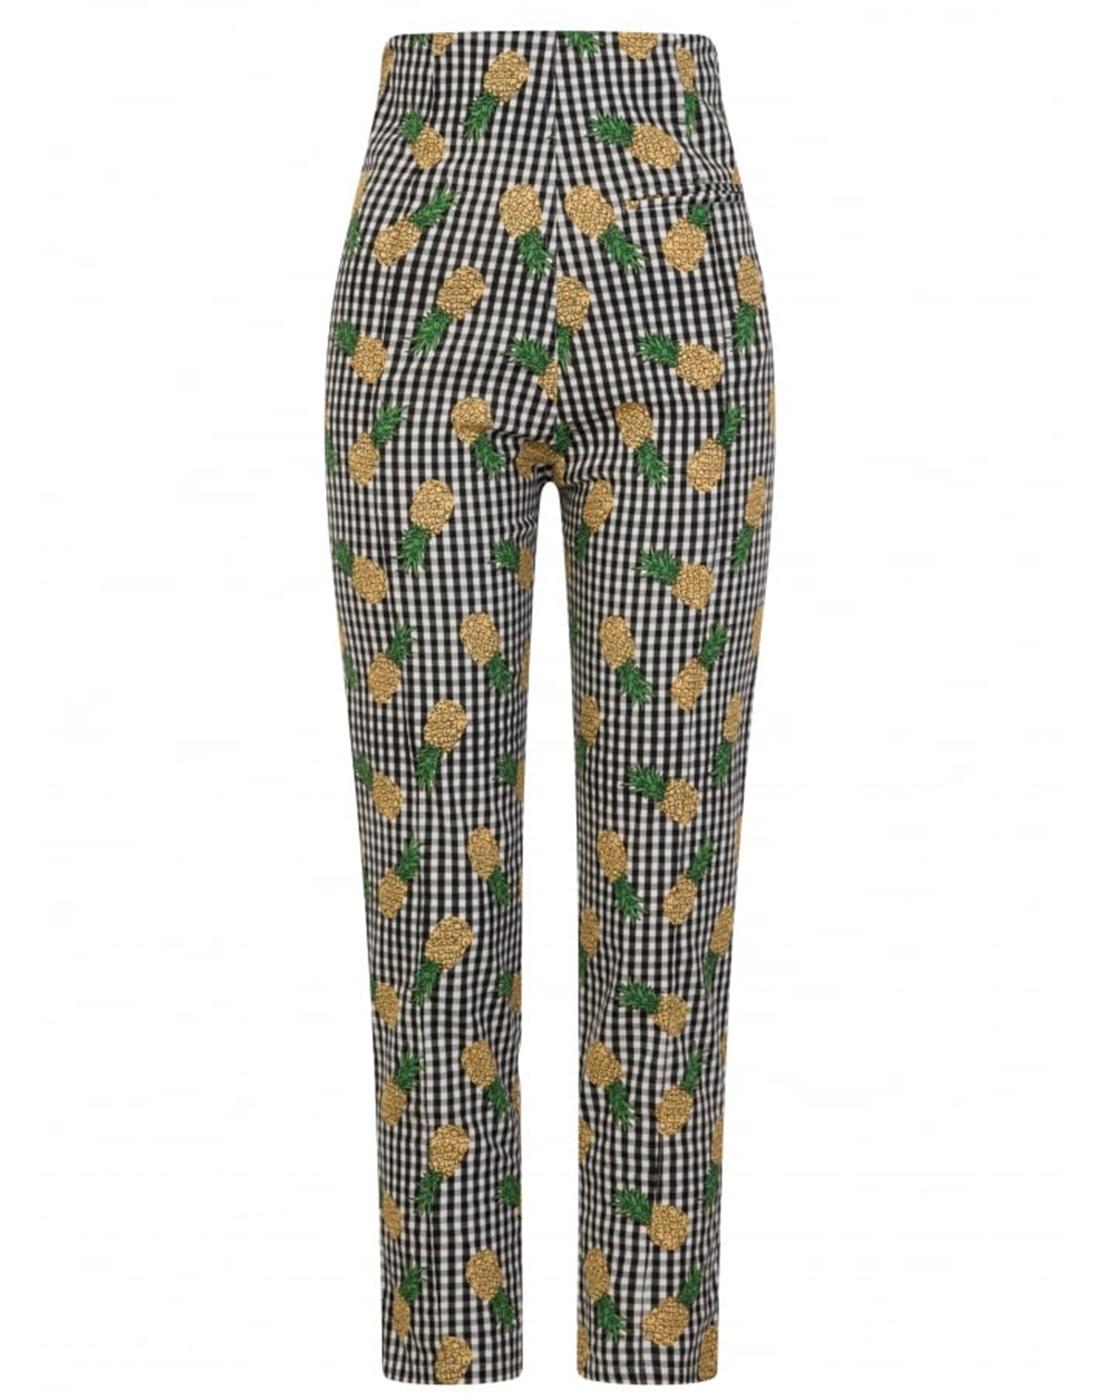 Bonnie COLLECTIF Retro 50s Gingham Cigarette Pants